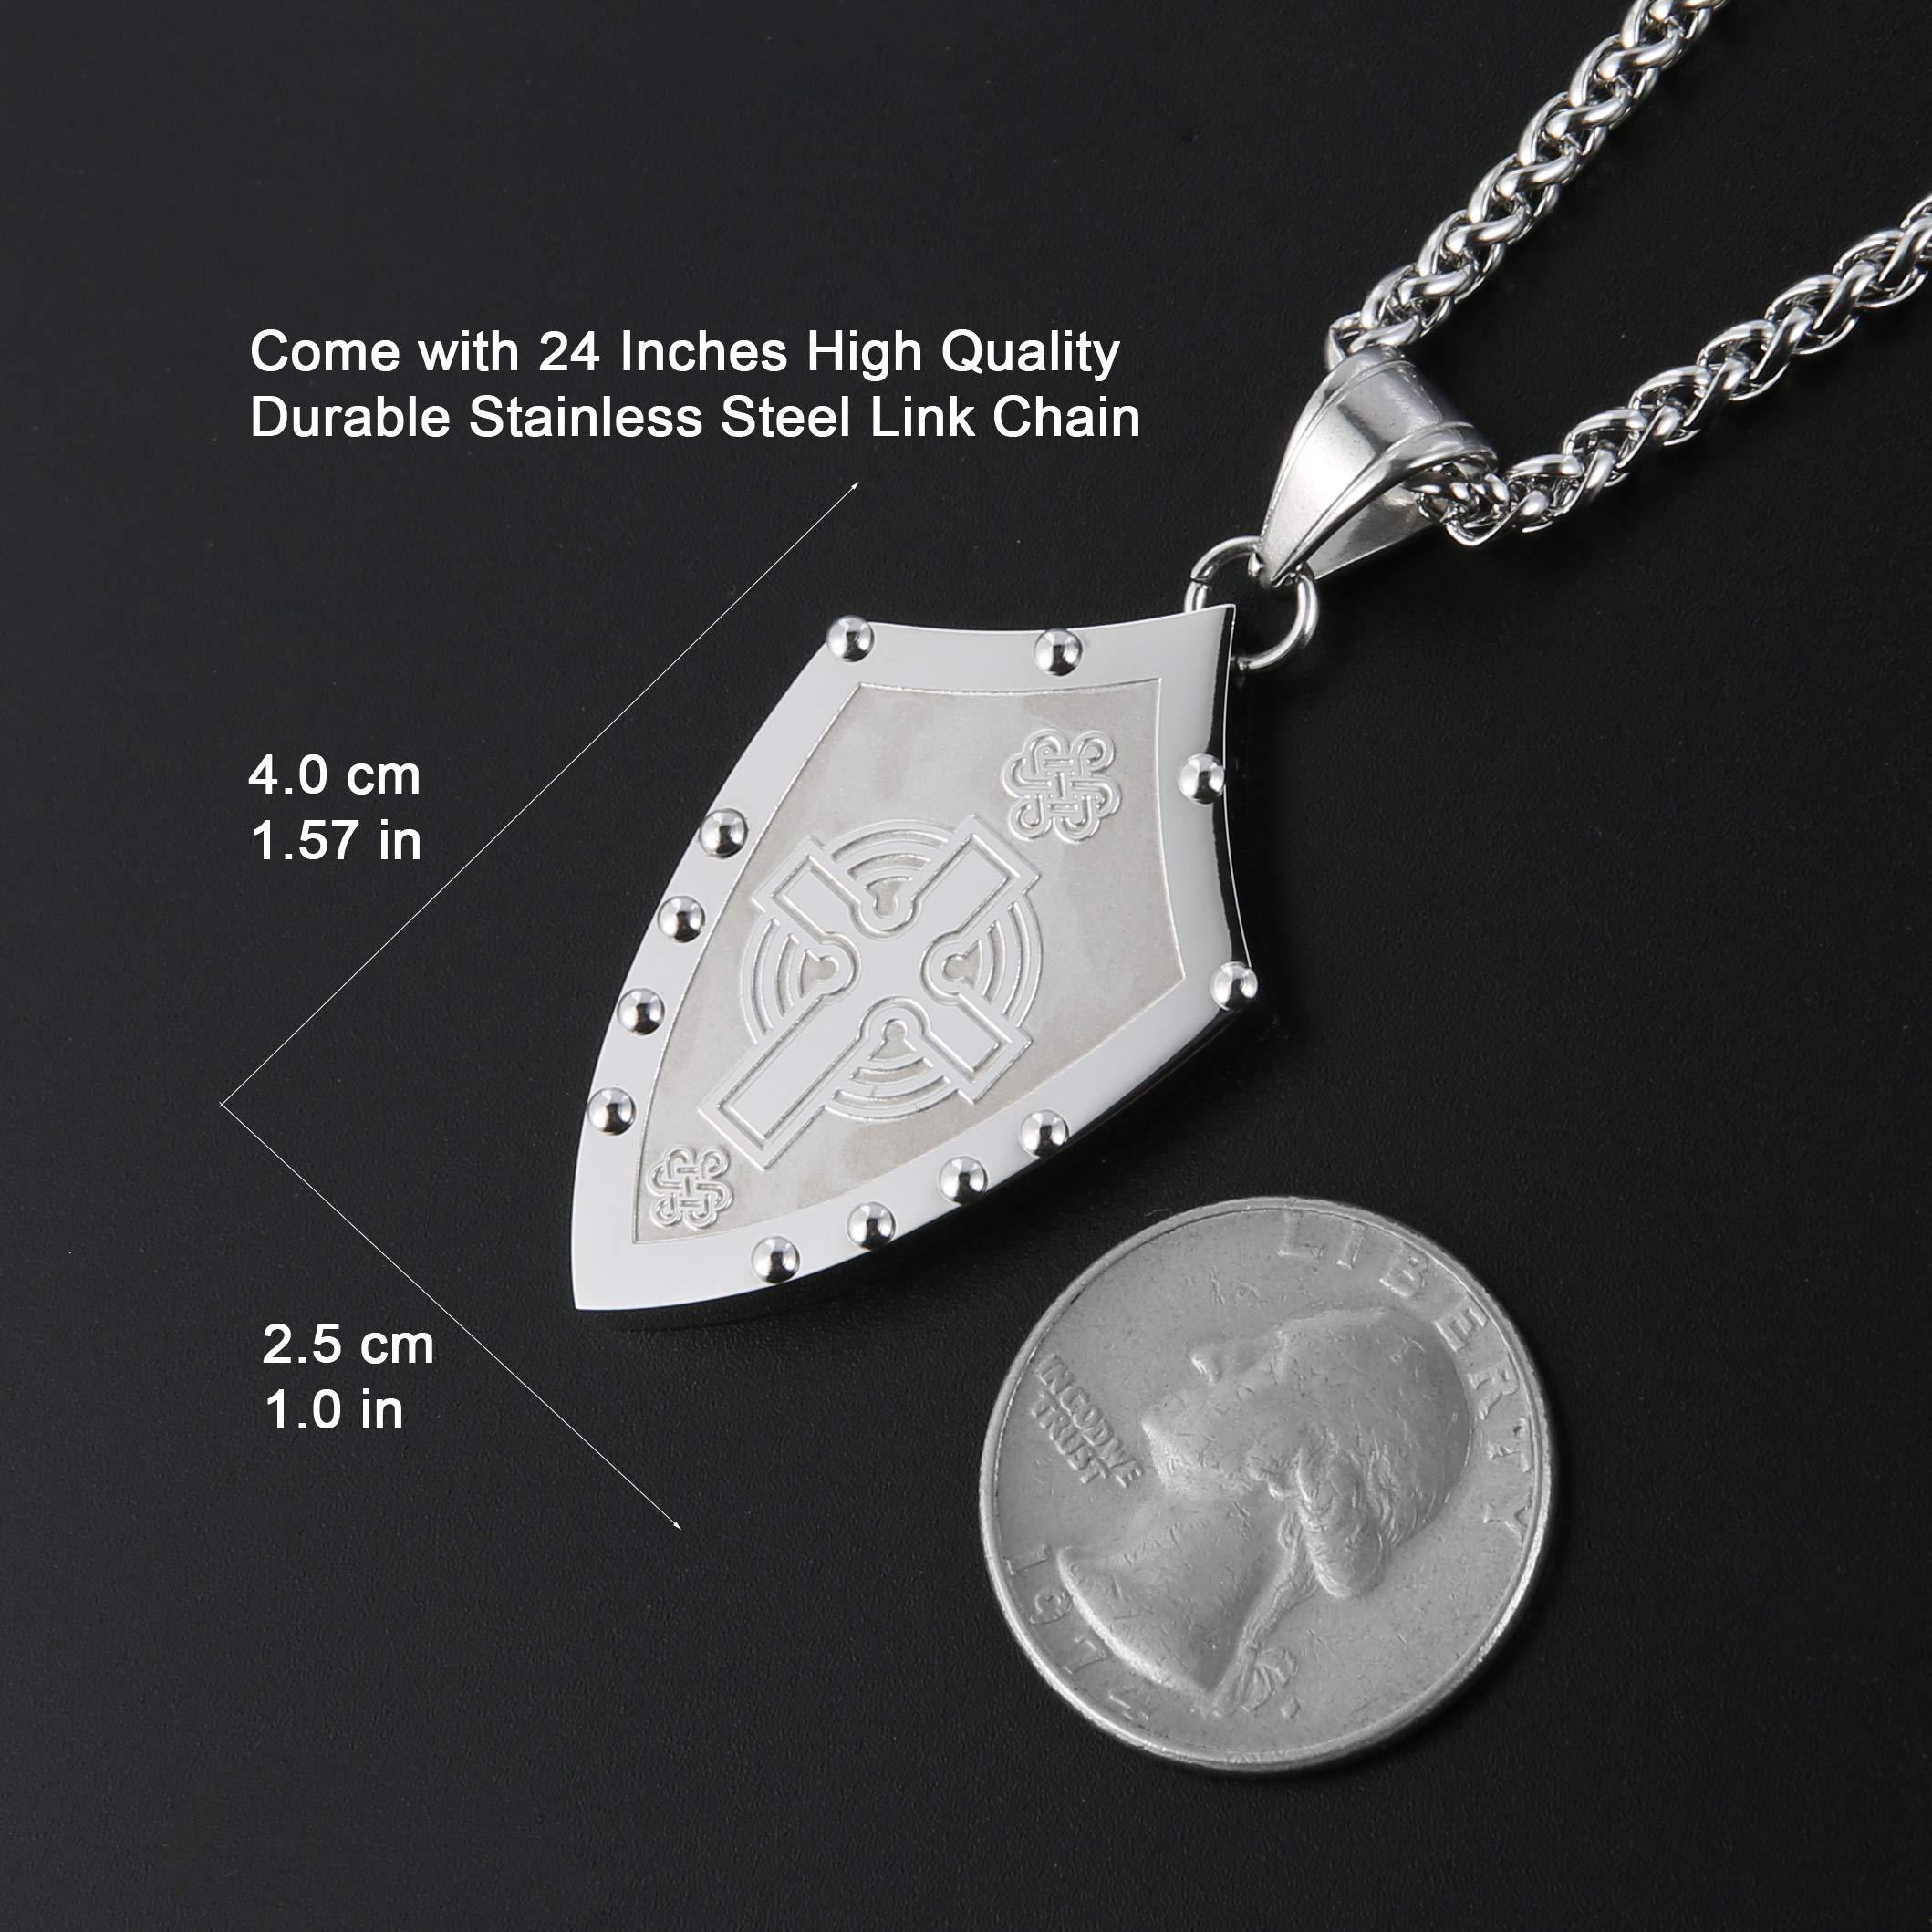 Runenkreuz amuleto collar celtas cuero señores negro cadena señores cadena cruz